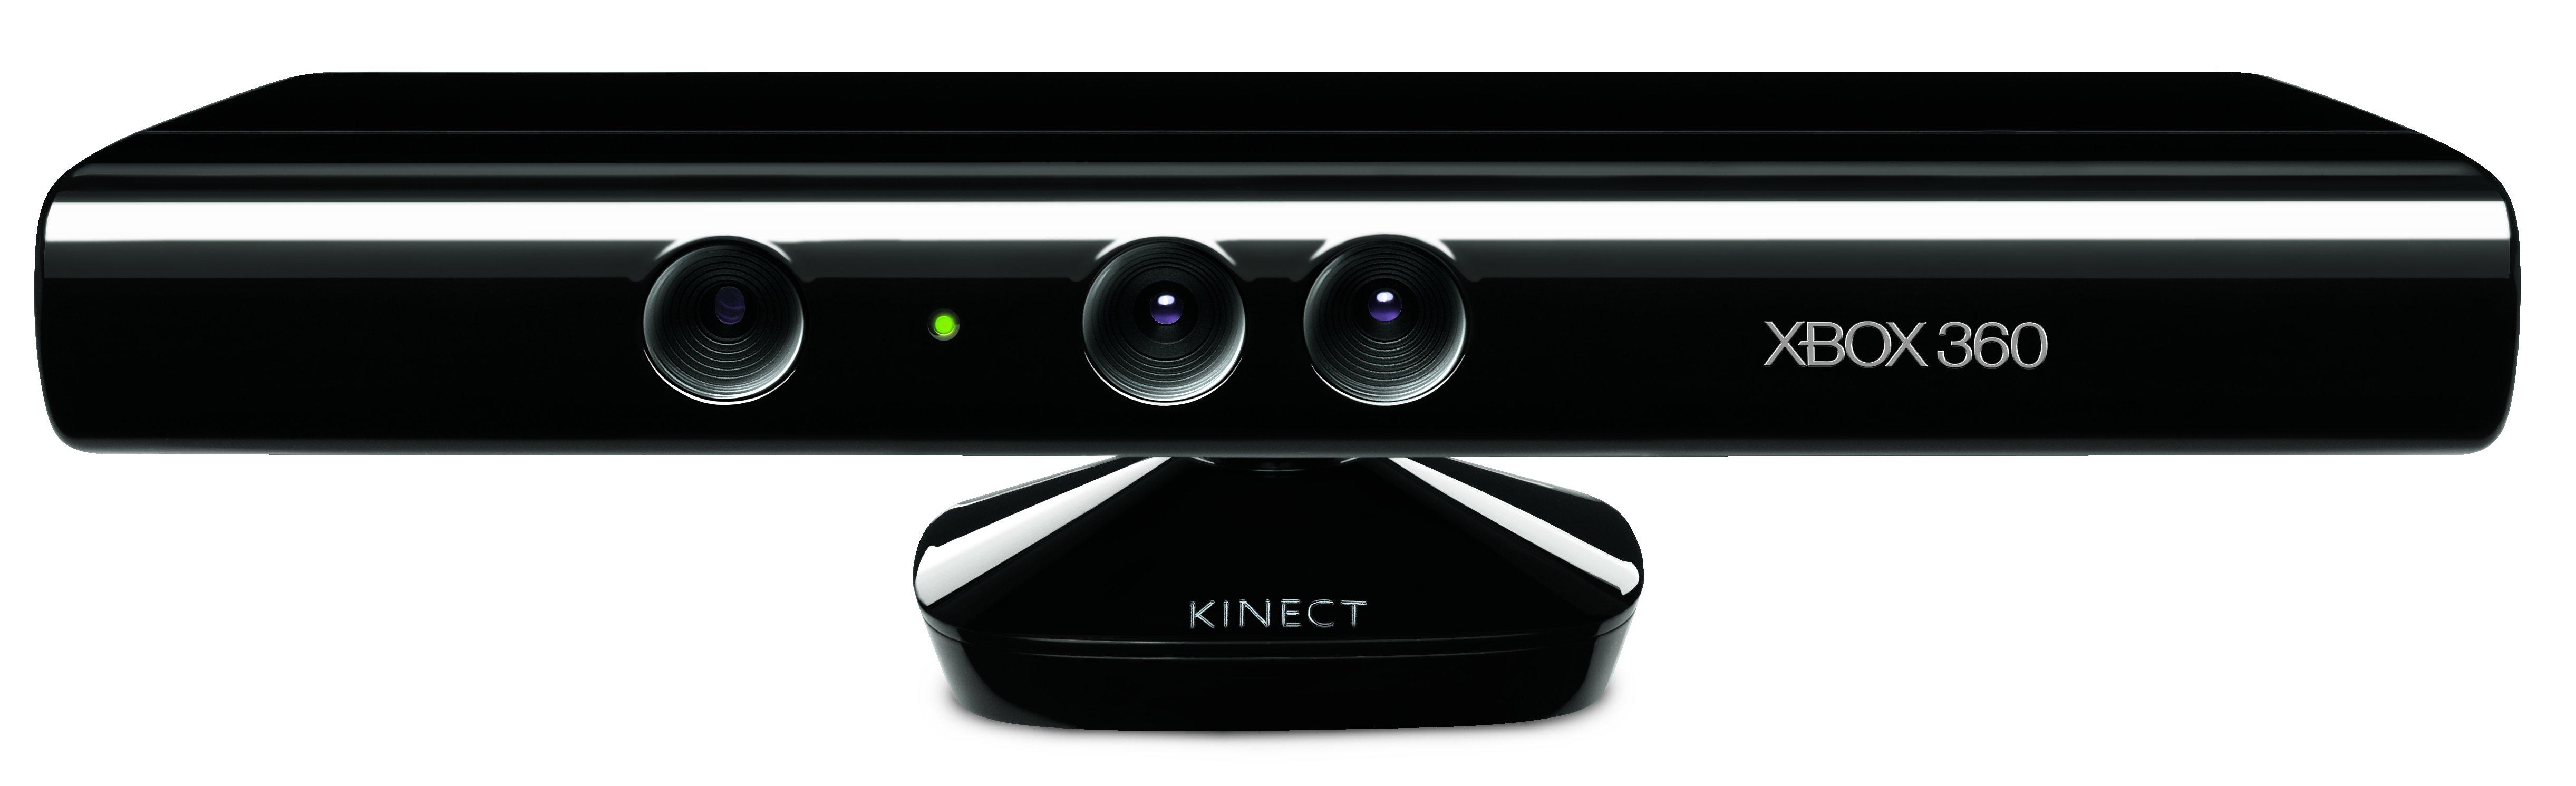 RTEmagicC_25973_Kinect_Senseur_txdam17160_9dd4e4